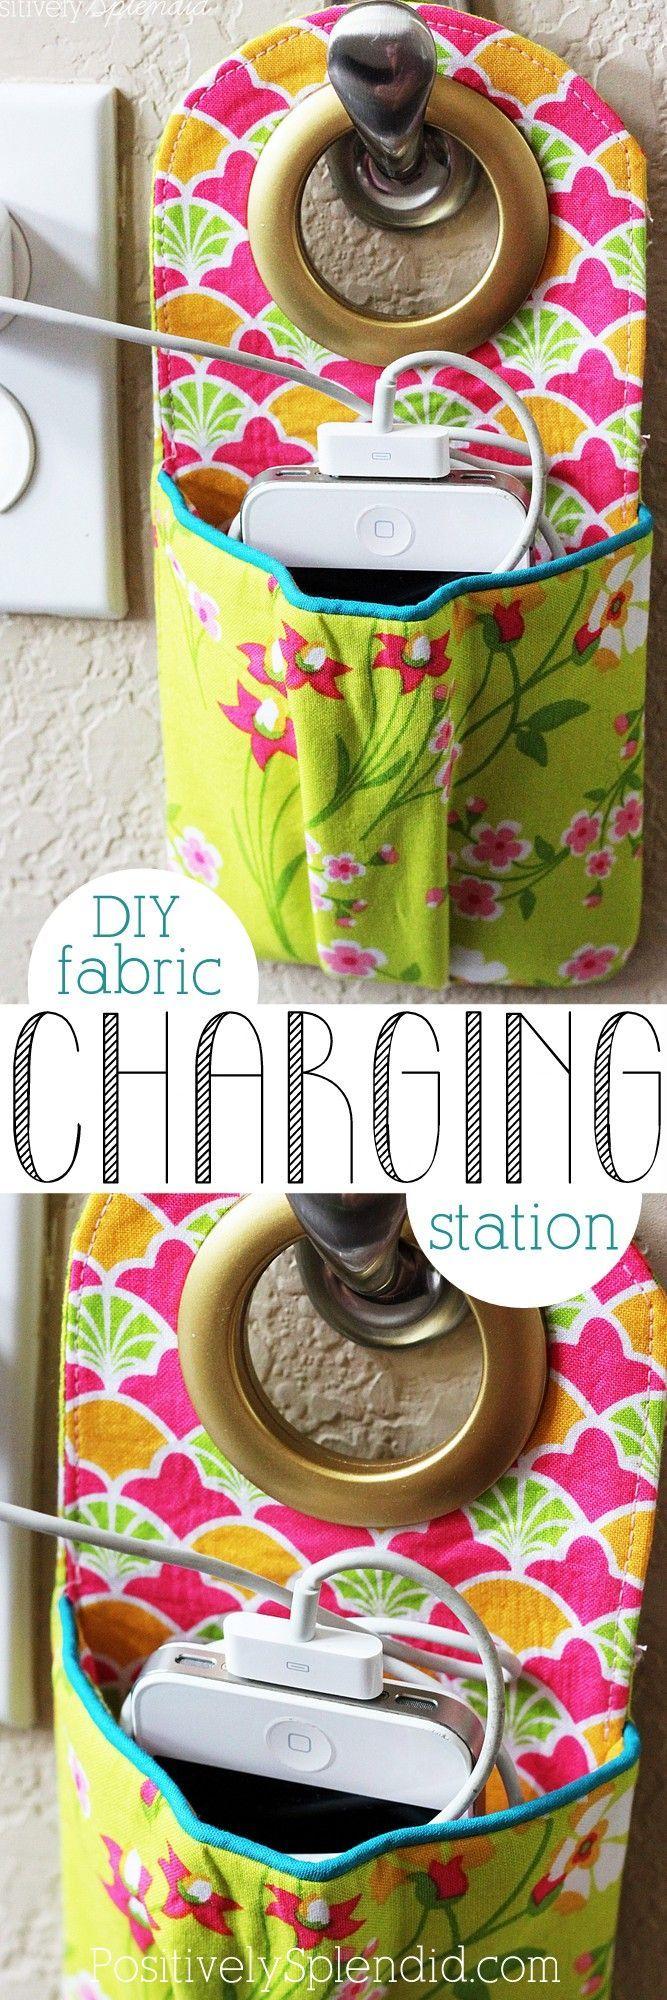 Ladestation / Ladetasche fürs Handy - DIY Fabric Phone Charging Station